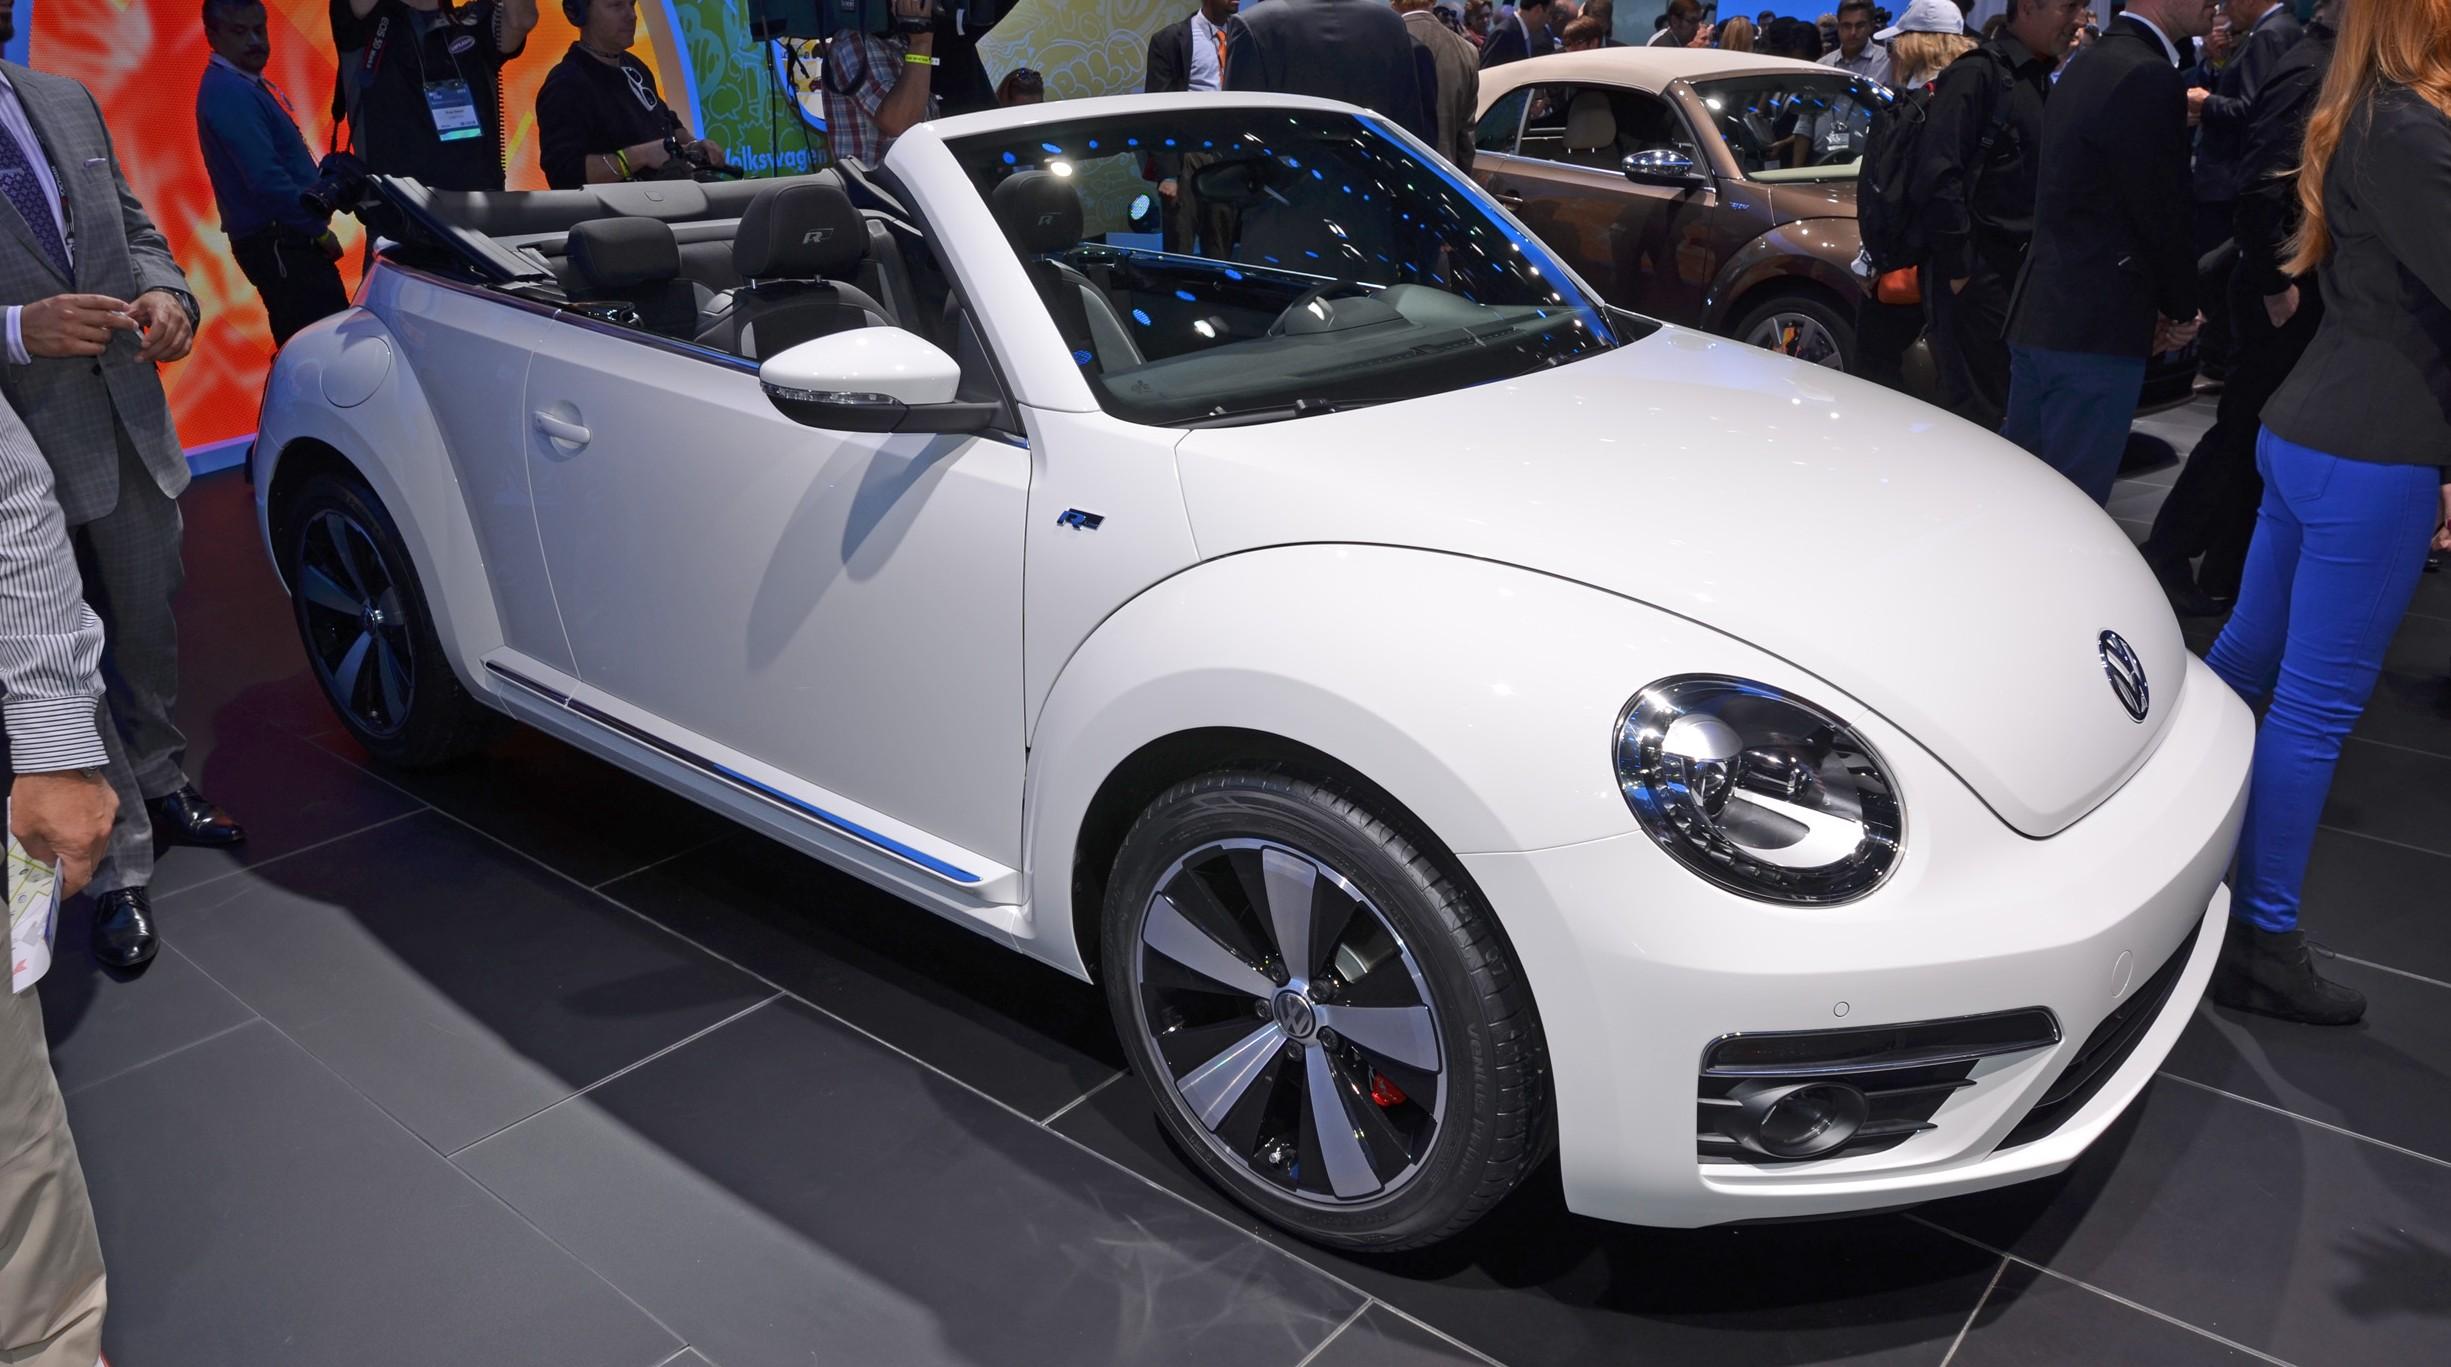 volkswagen beetle convertible 003 e1354153234534 600x334